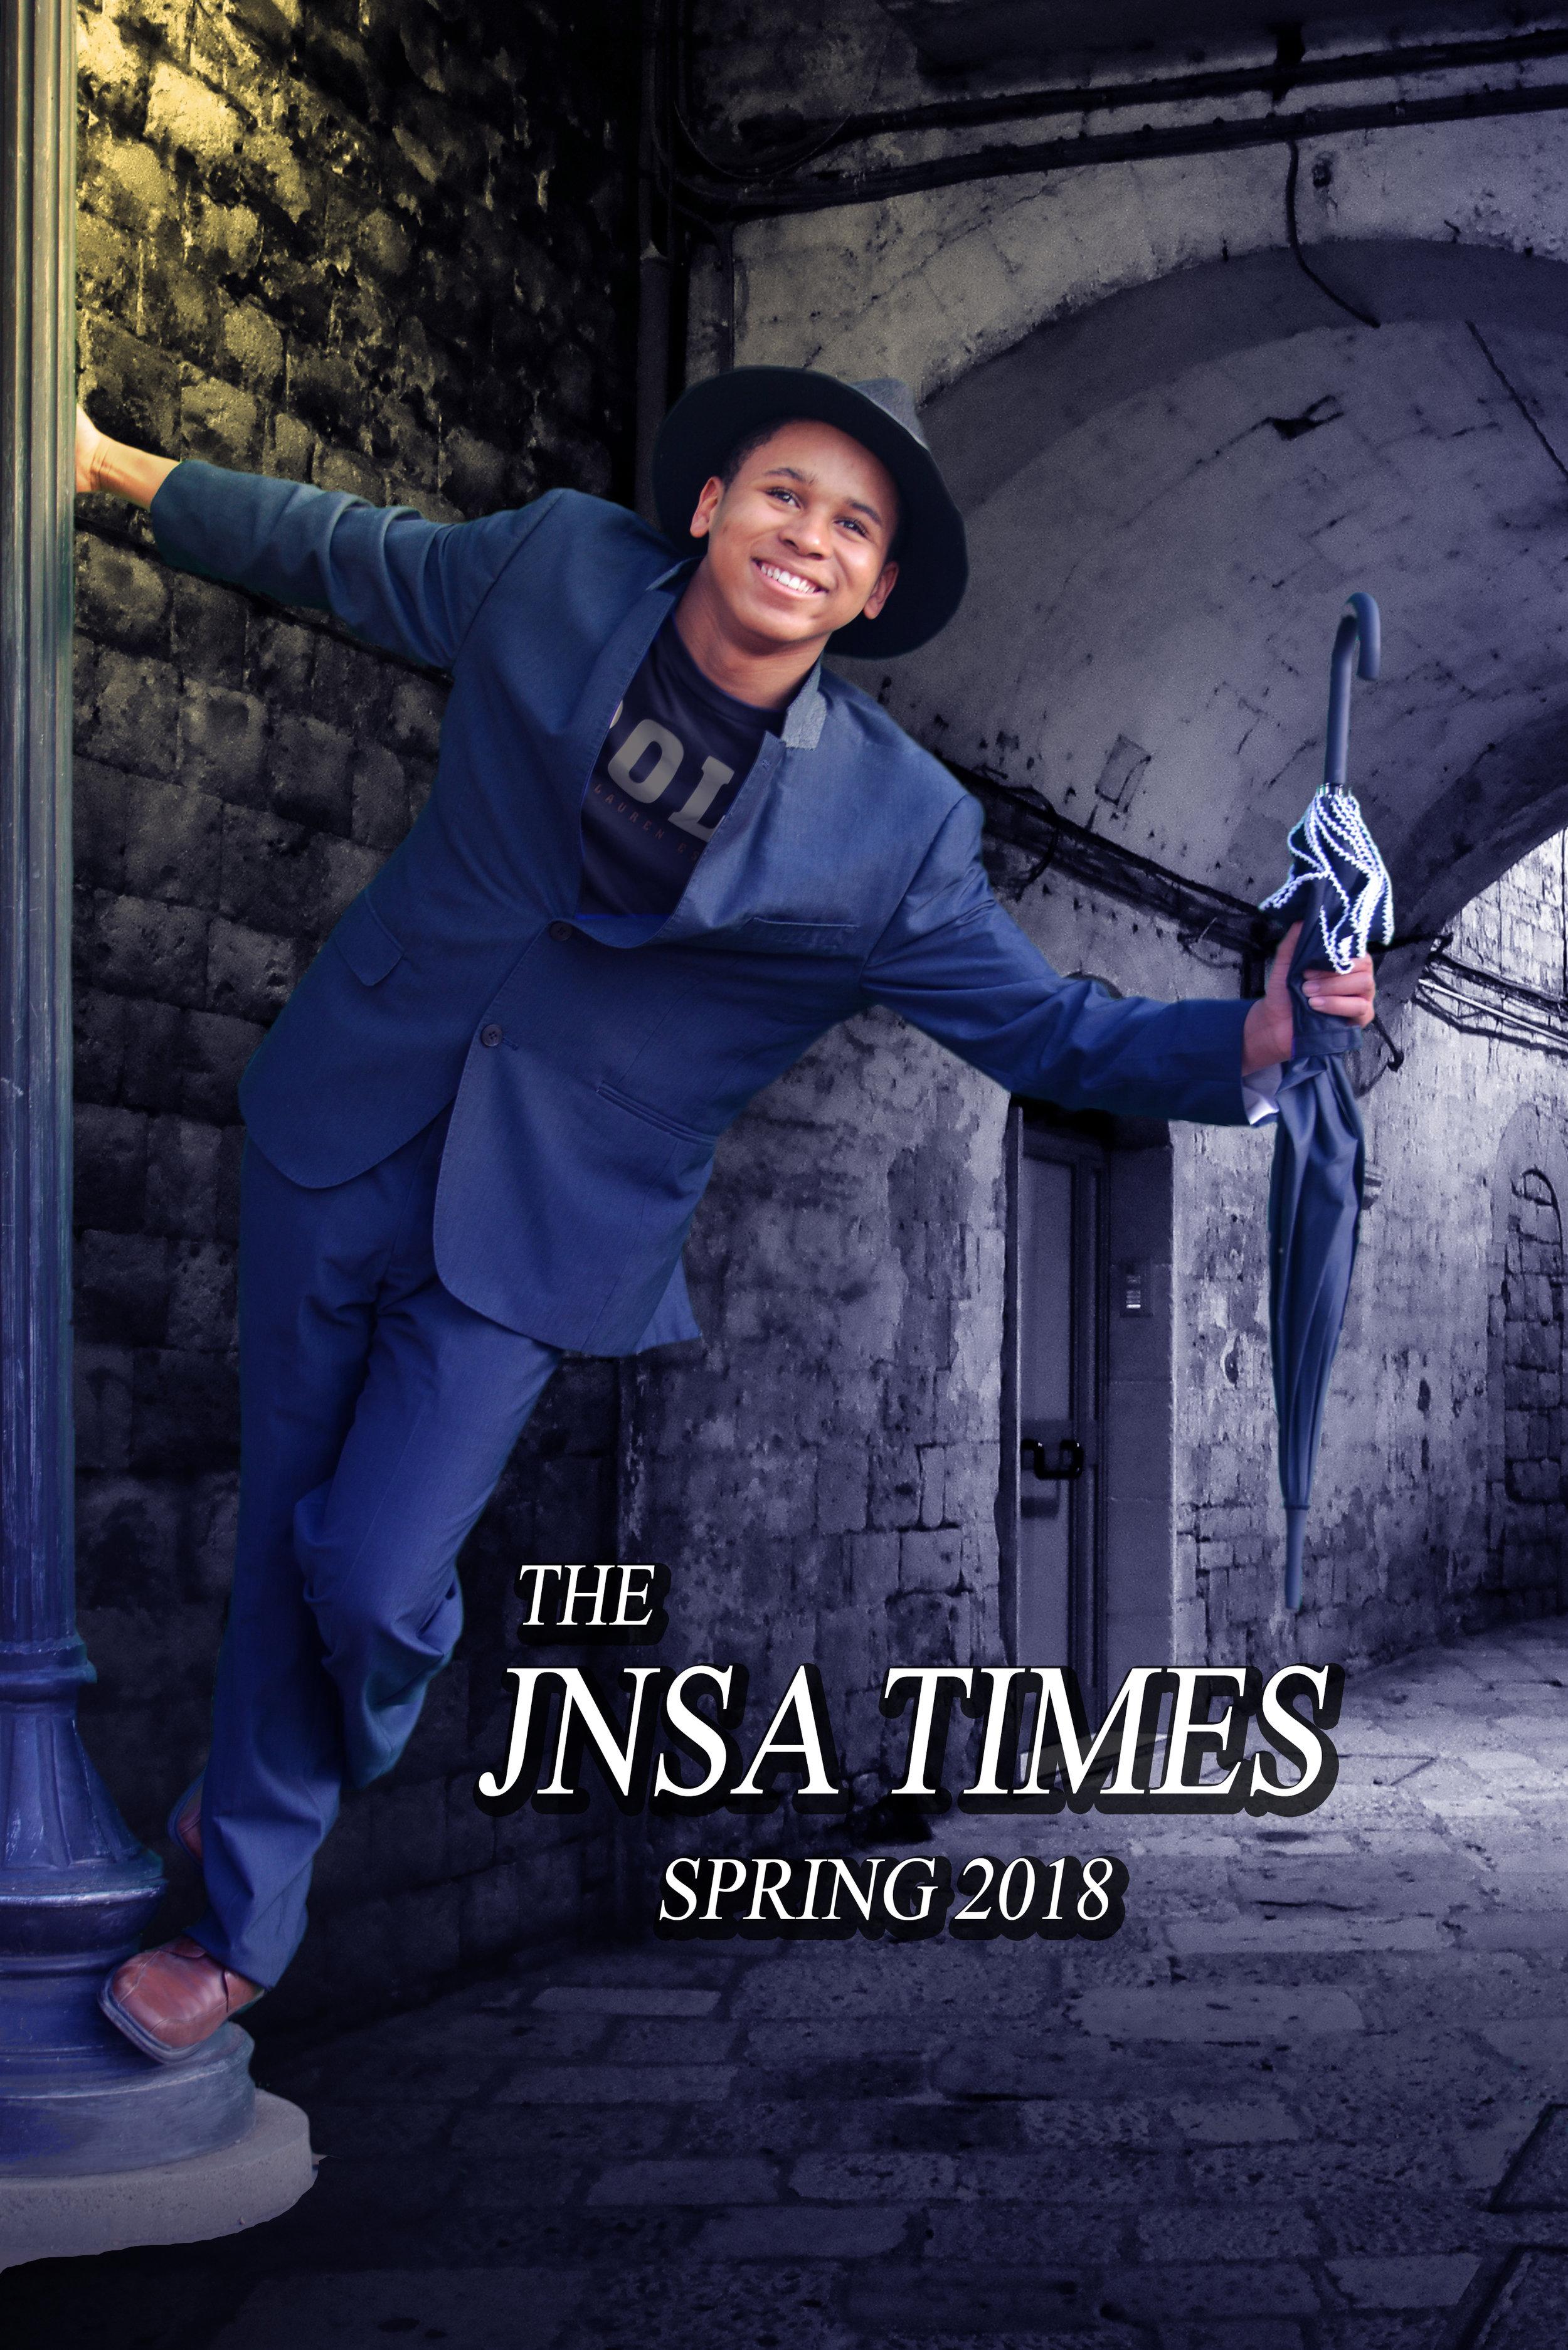 Spring 2018 cover.jpg